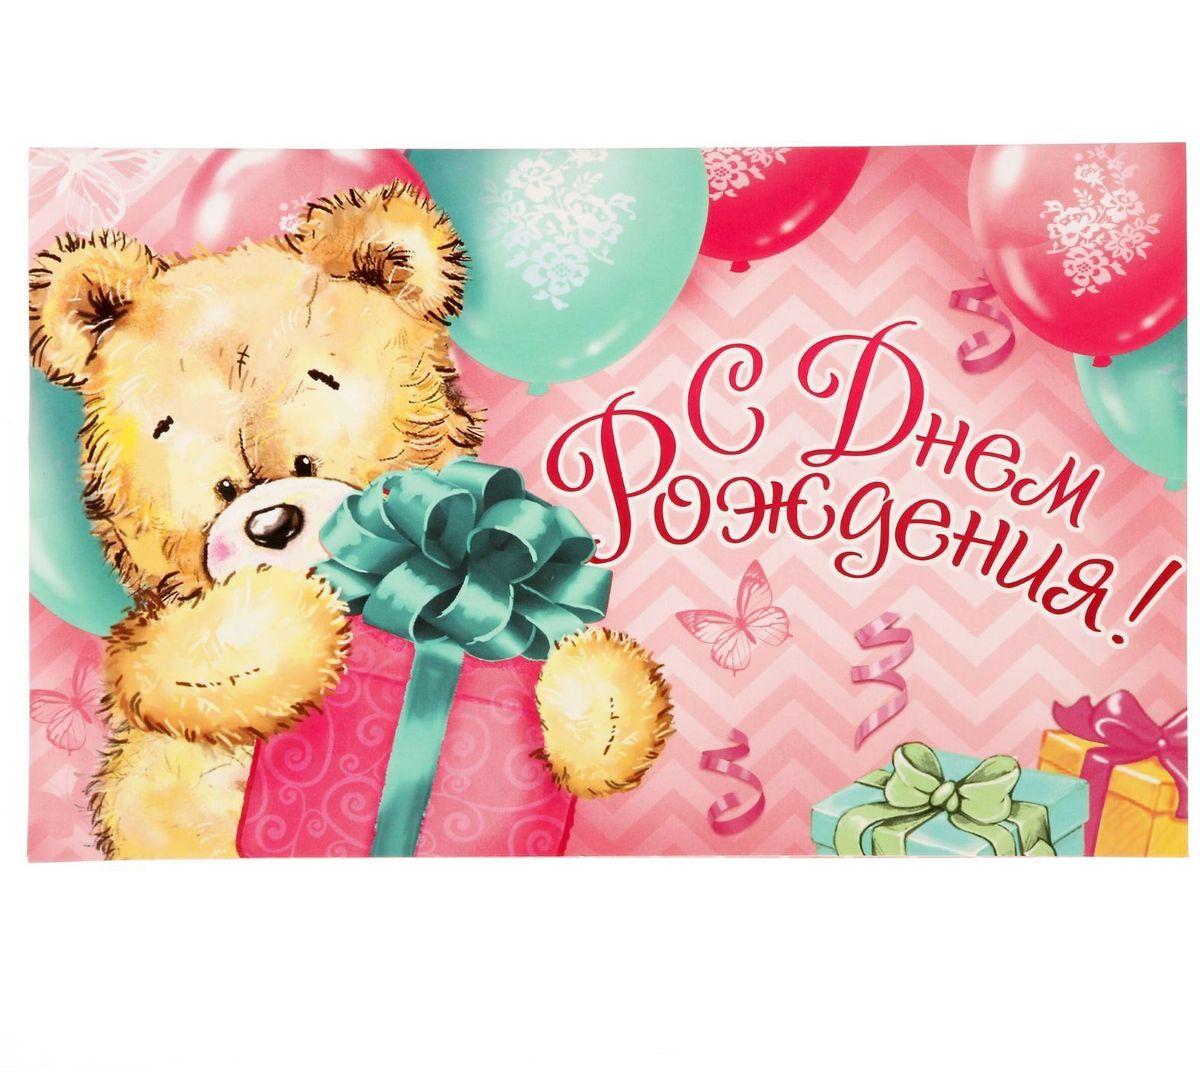 Открытка объемная Дарите cчастье С Днем Рождения!, 19 х 12 смUP210DFХотите удивить своих близких необычным поздравлением? Объемная открытка вам в этом поможет. Внутри неё — волшебный мир детства и праздника. Рисованные персонажи будто оживают прямо на глазах!Открытка, без сомнения, понравится получателю. Она не занимает много места в развёрнутом виде и очень компактна в сложенном